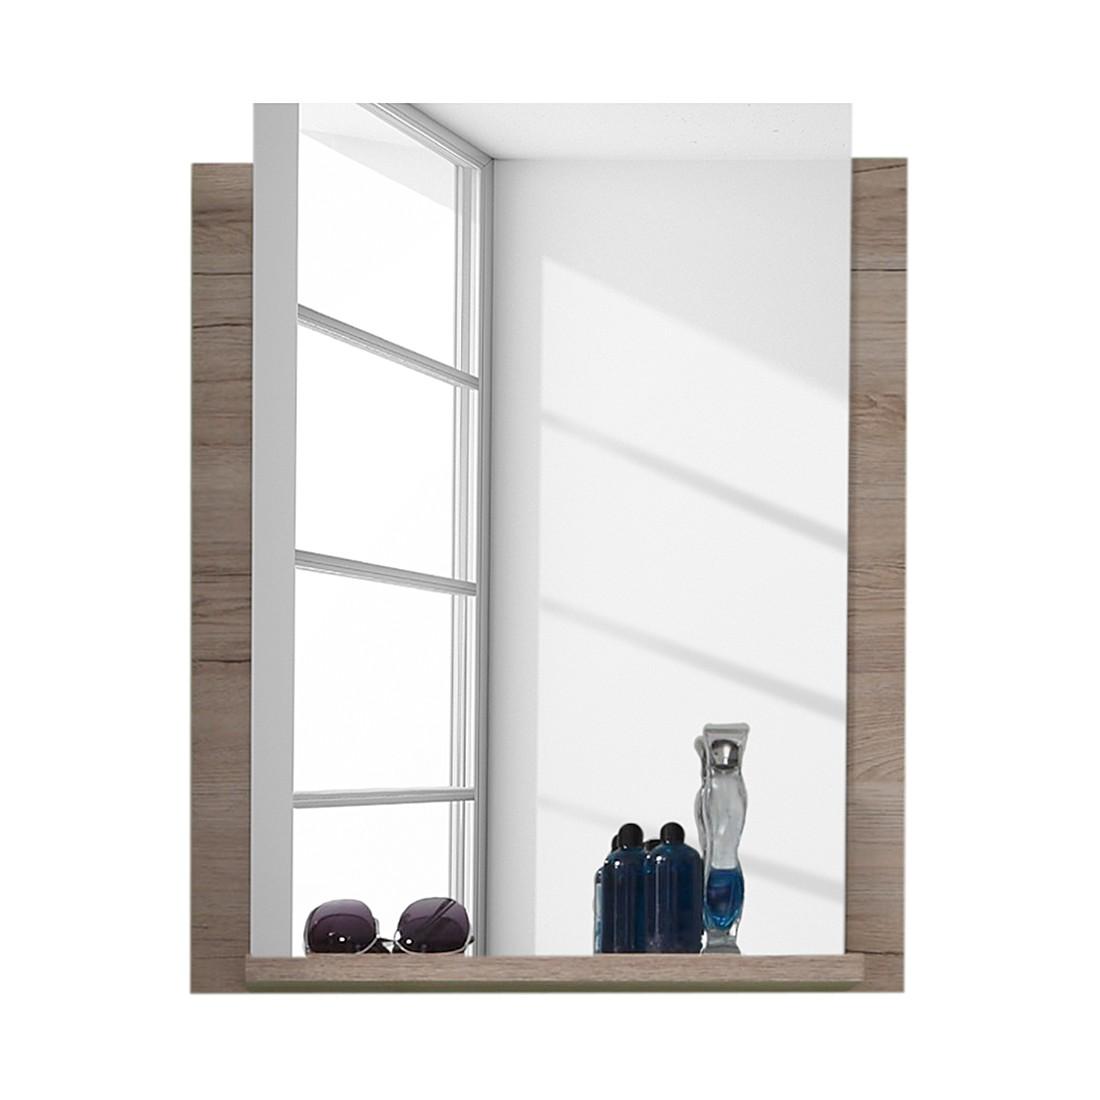 Wandspiegel Dano   San Remo eikenhouten look_ Trendteam